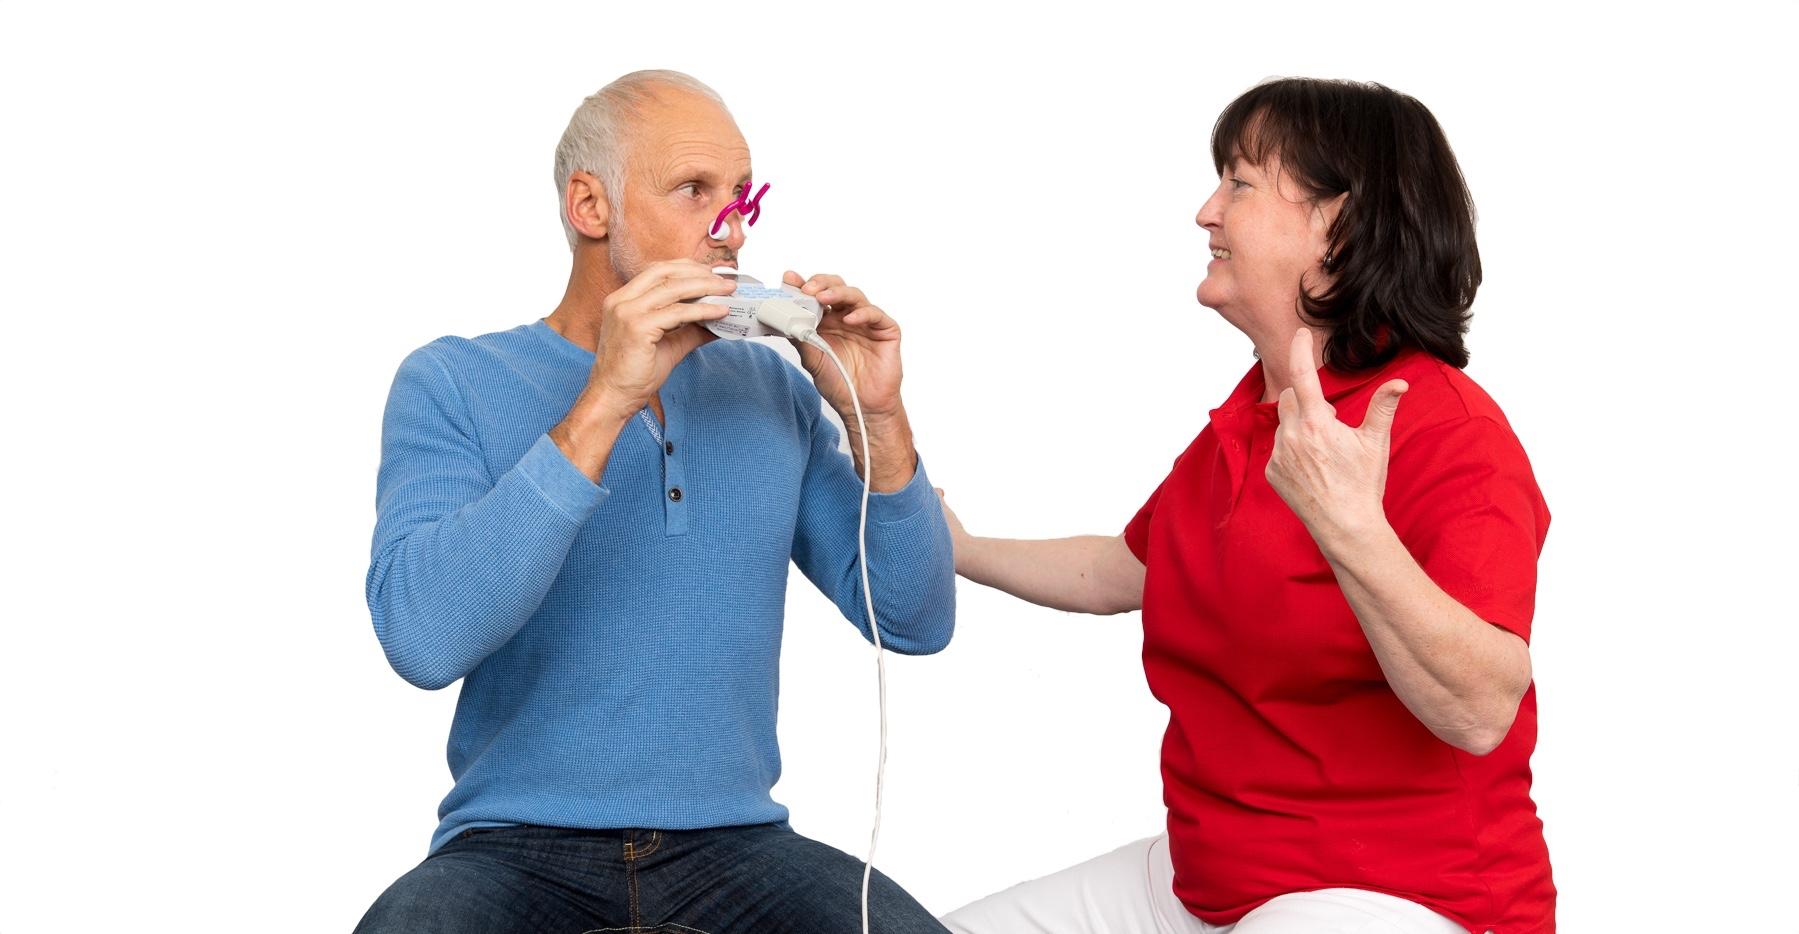 Kerstin führt mit einem Patienten einen Lungenfunktionstest durch